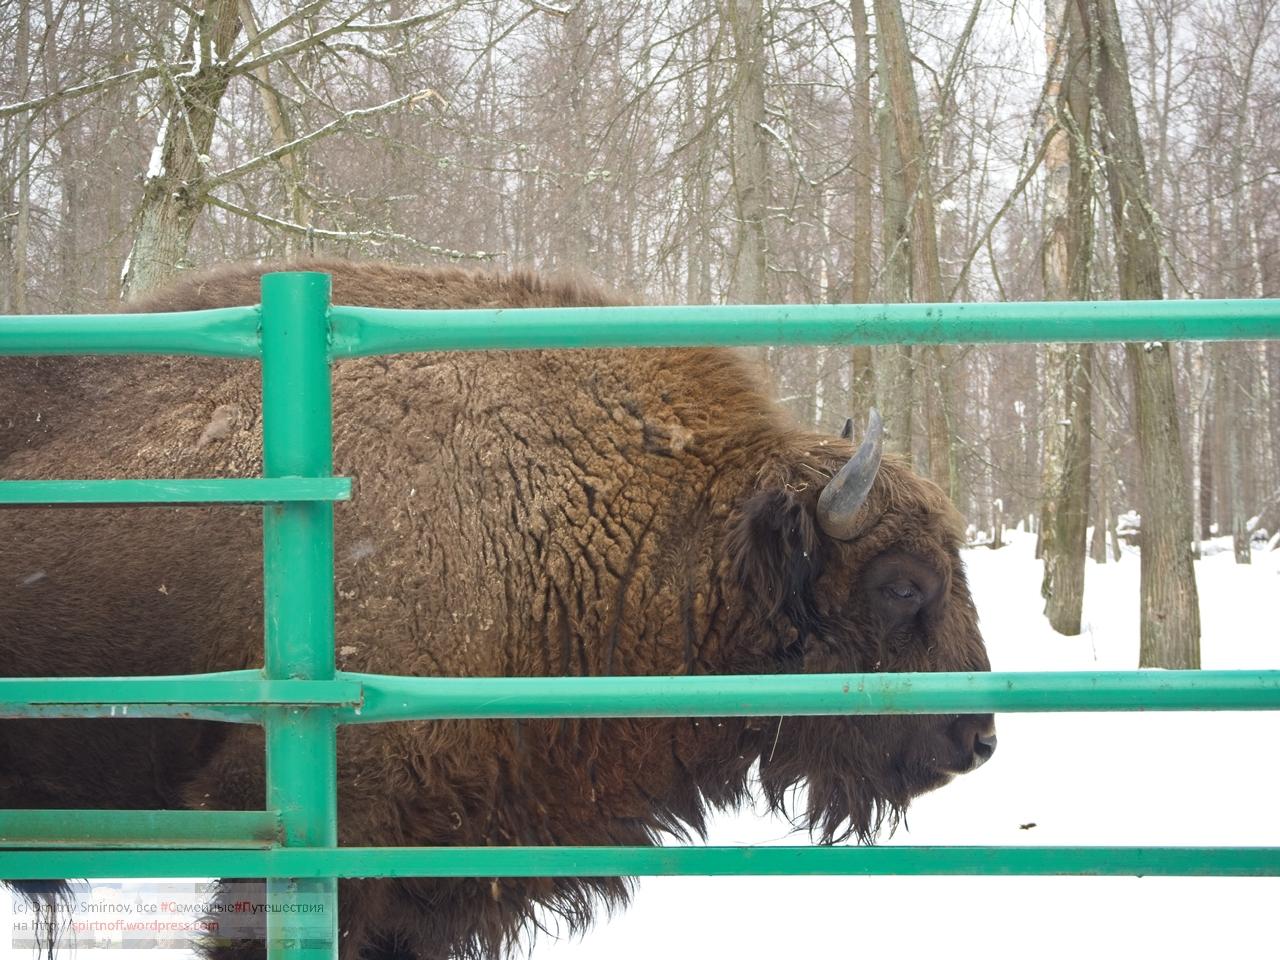 smi13807-blog-41 Путешествия  К зубрам в гости (Приокский террасный заповедник)